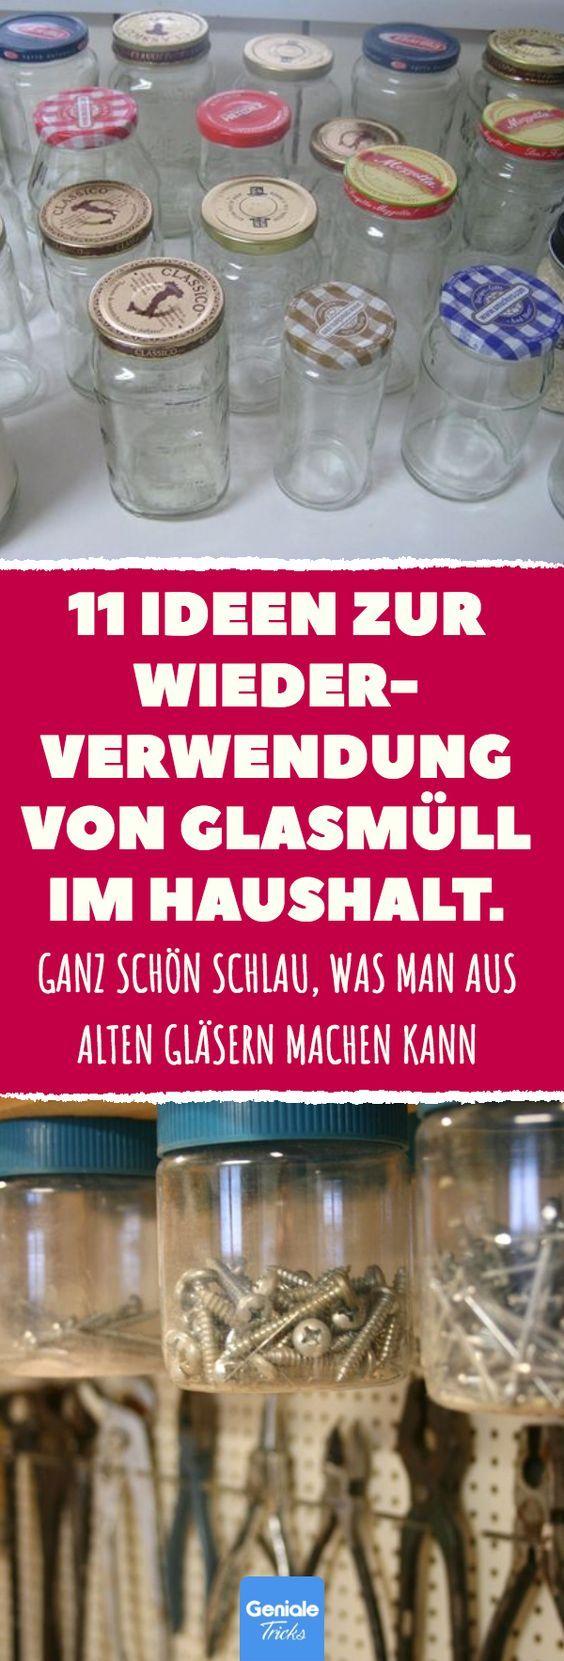 Photo of 11 praktische Tricks mit Glasmüll.